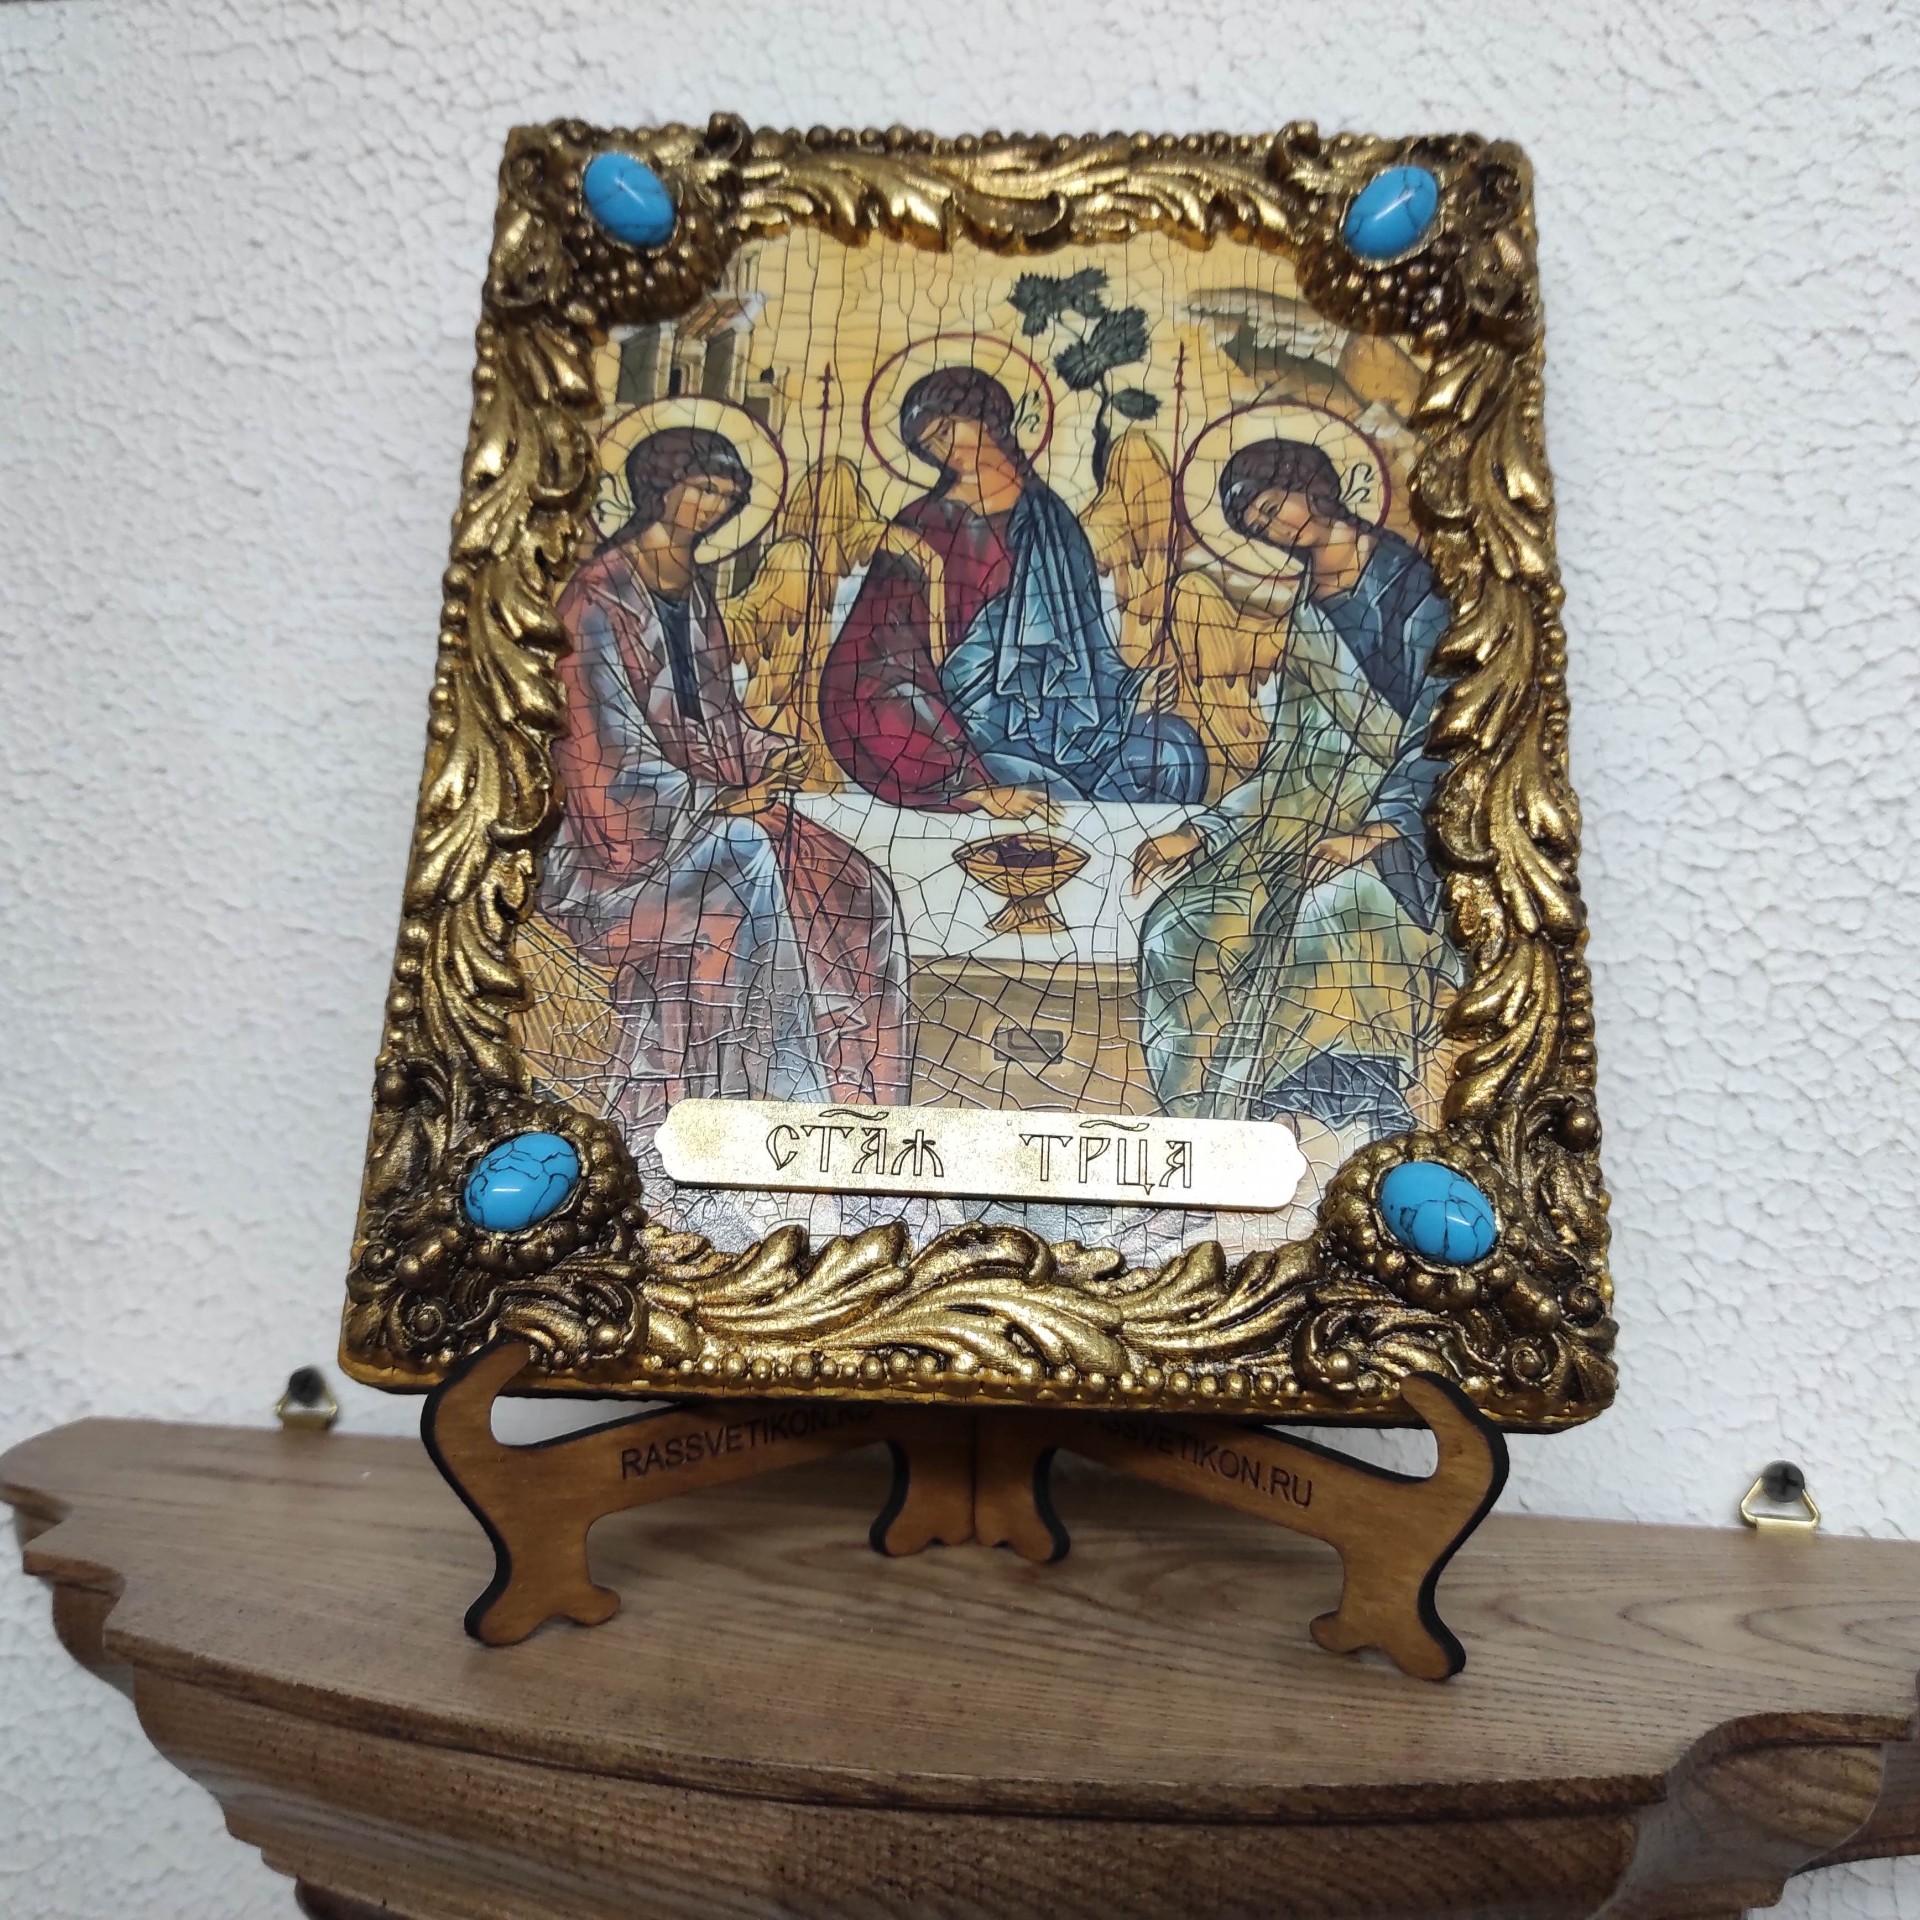 Лик на подставке и полке ангелы вид снизу иконы под старину Троицы с иглицами и камнями